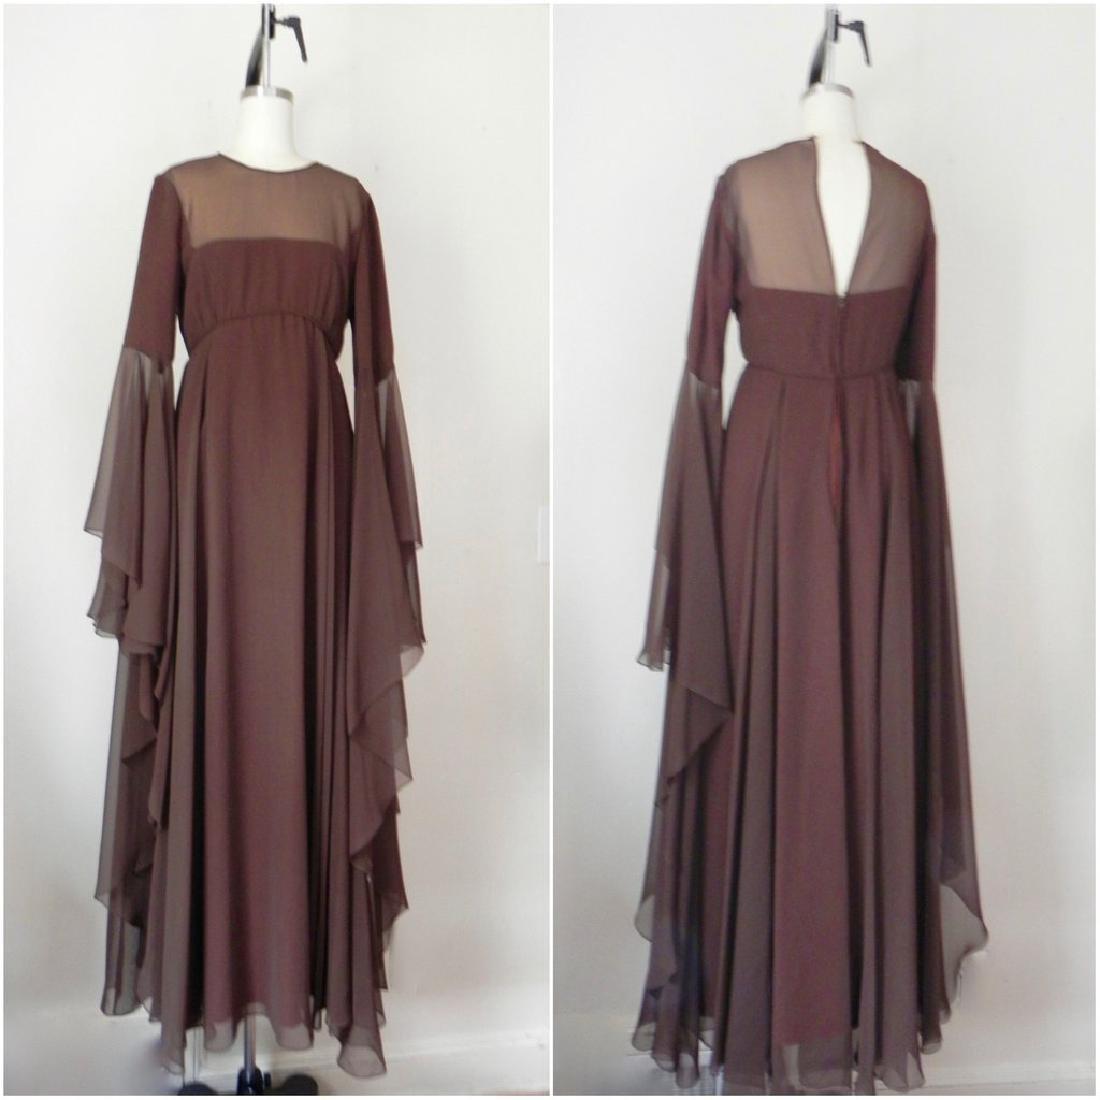 Vintage 1970s Estevez Brown Empire Chiffon Evening Gown